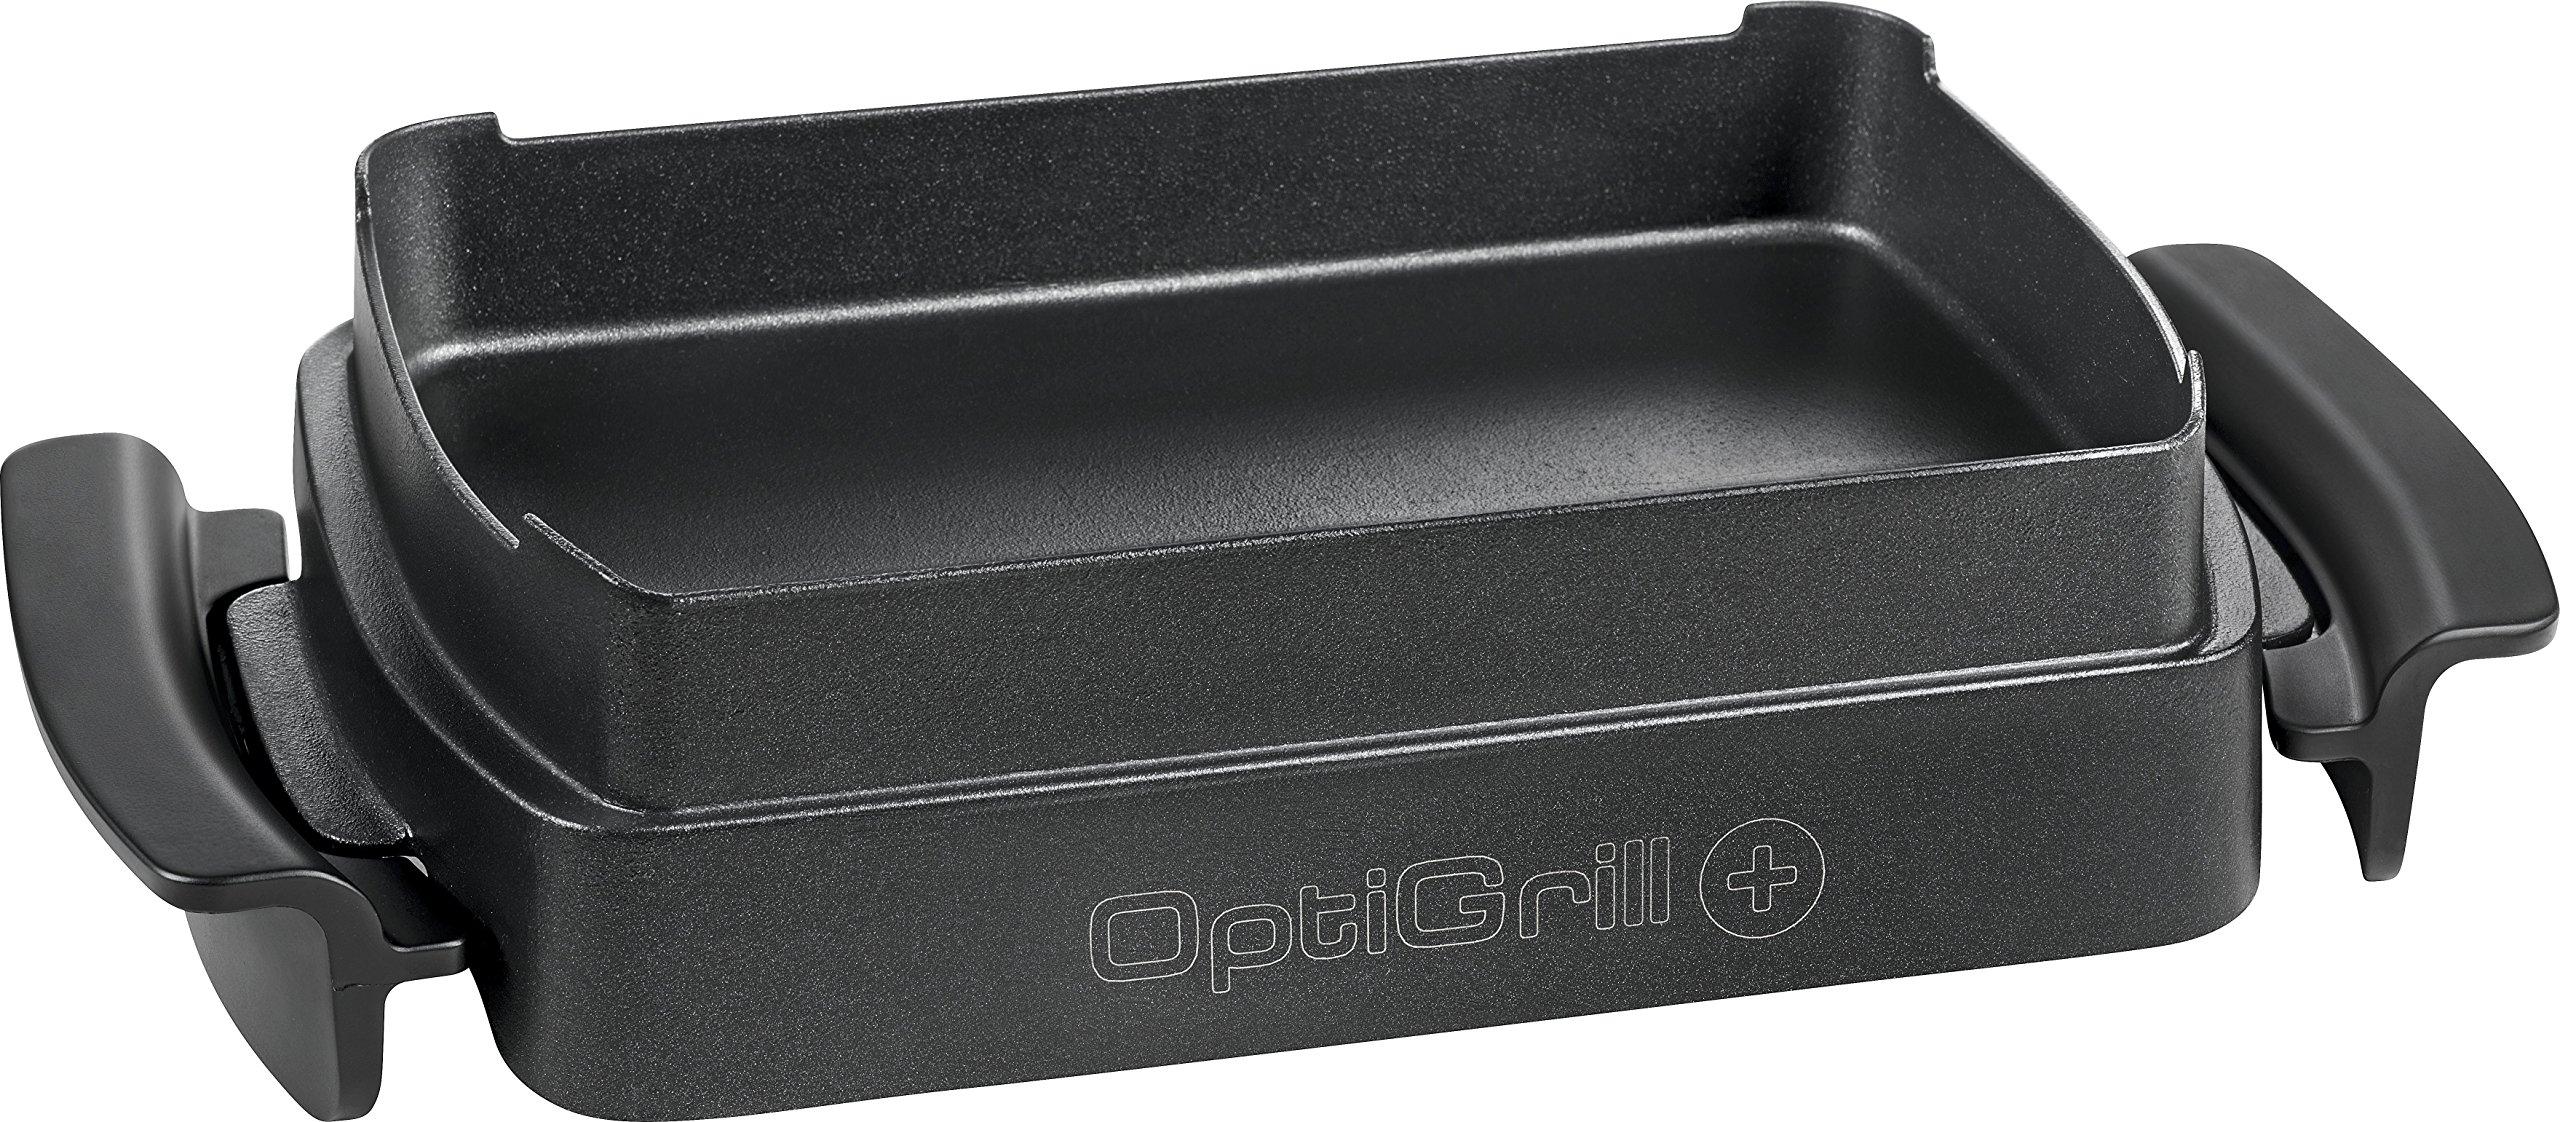 T-Fal XA722 Optigrill Oven Accessory for OptiGrill Plus GC712D, 4 servings, Black